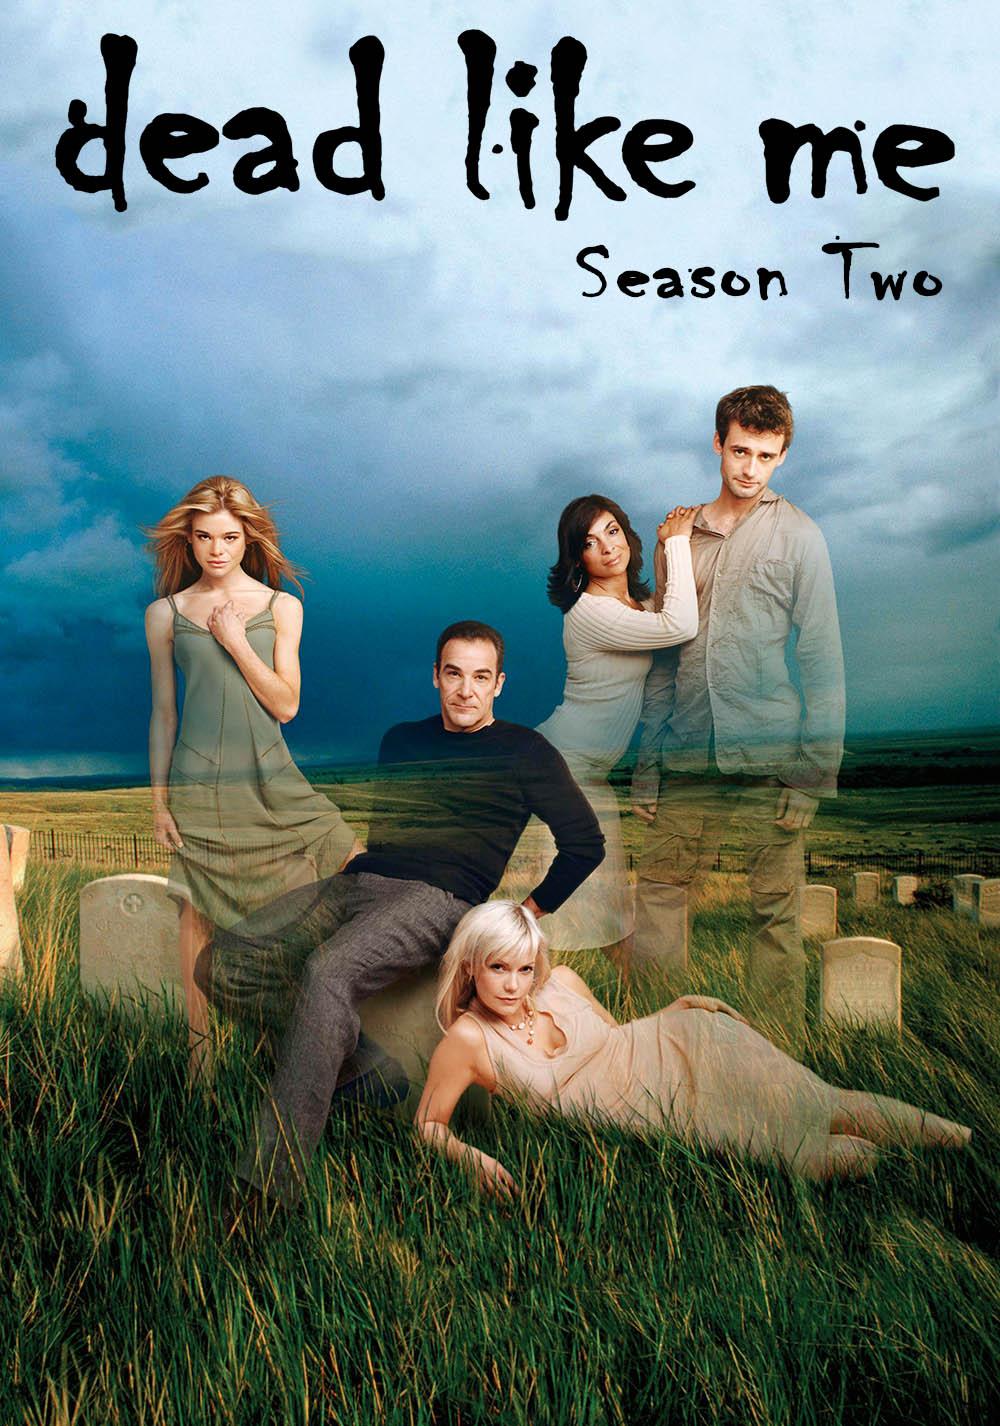 Dead Like Me (TV Series 2003–2004) - IMDb